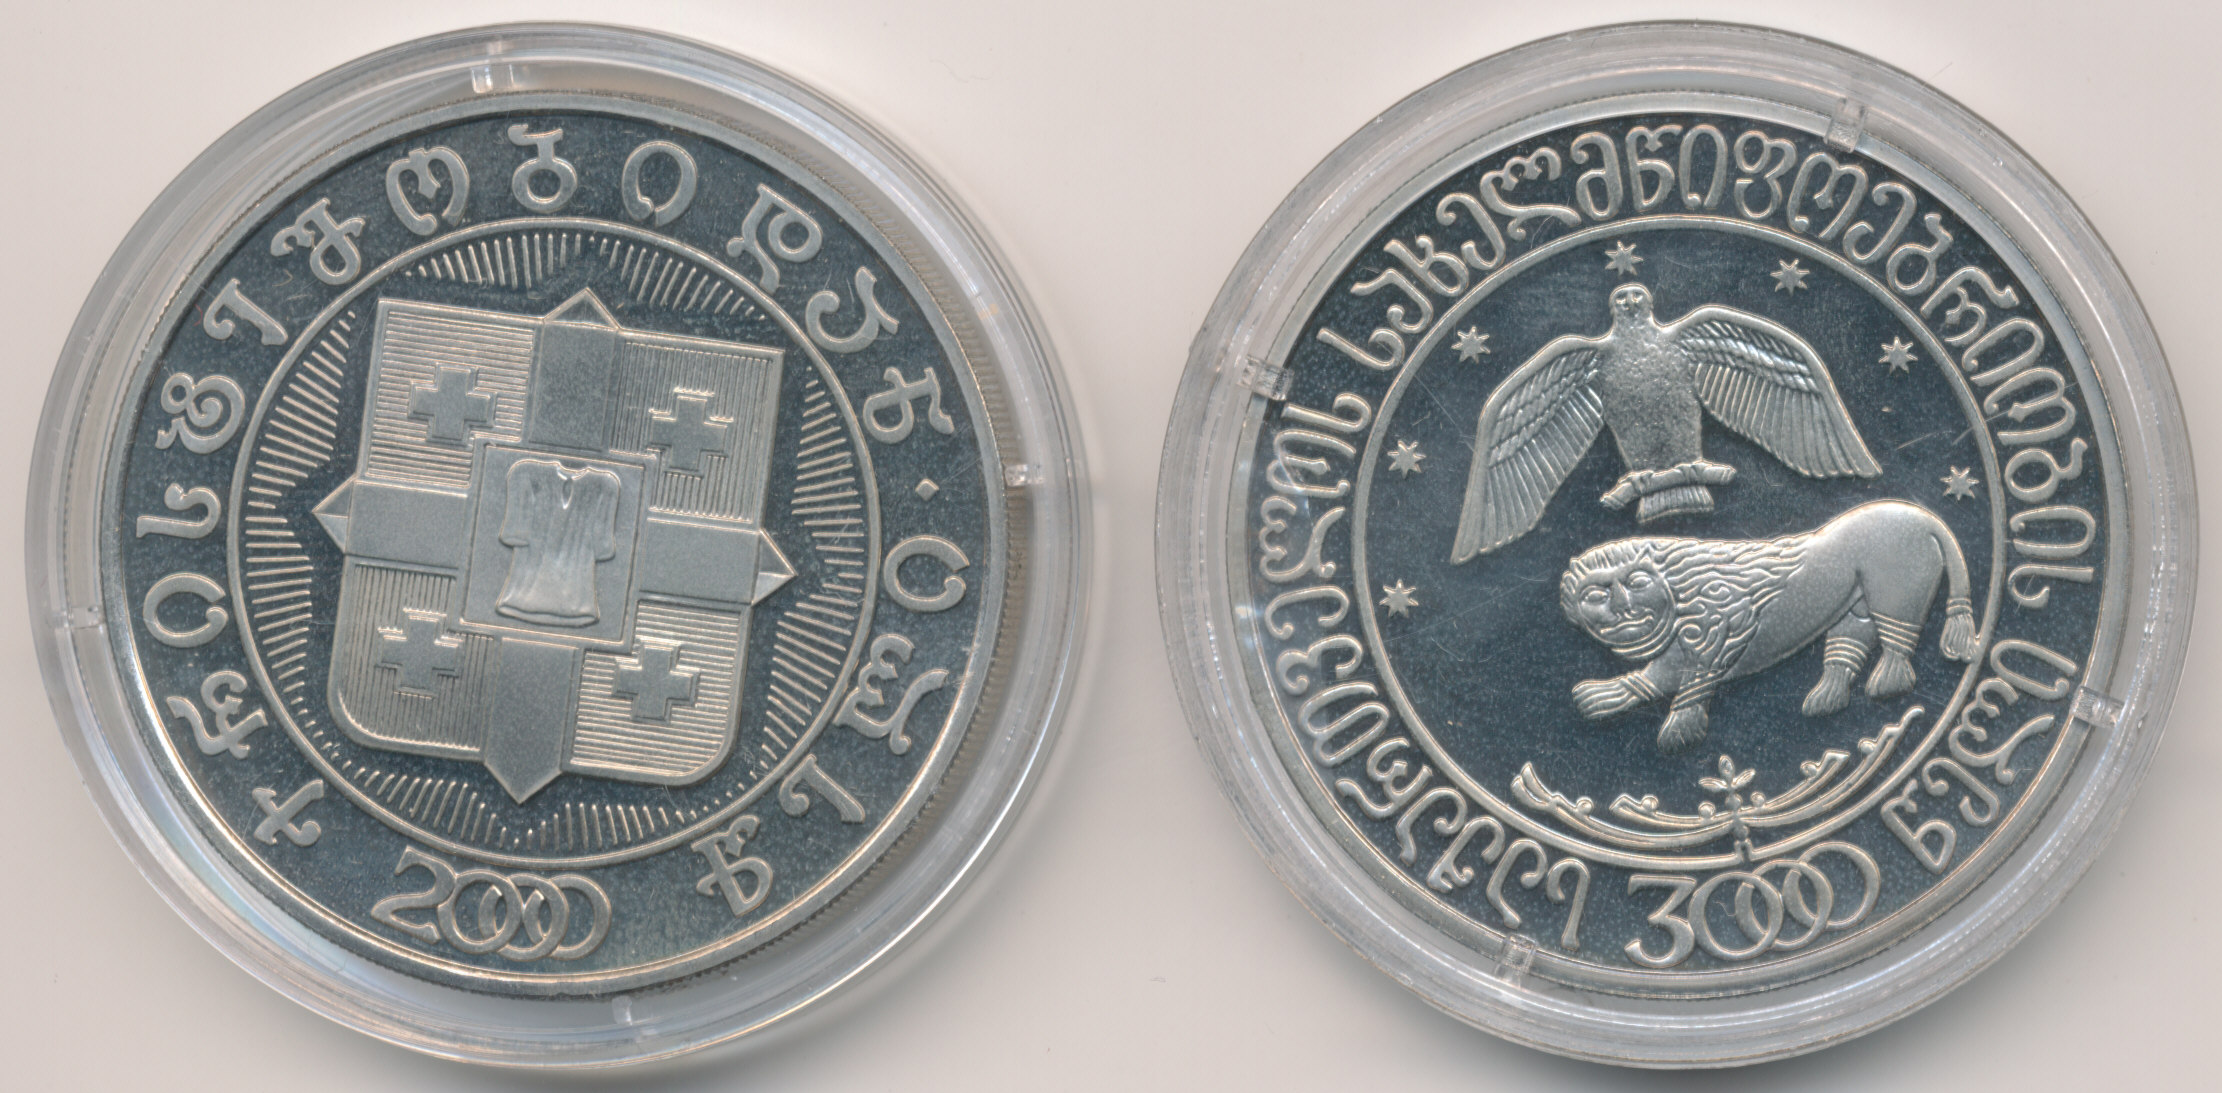 На монете республики грузии 500 лари 1995 года 10 рублей 2010 года стоимость